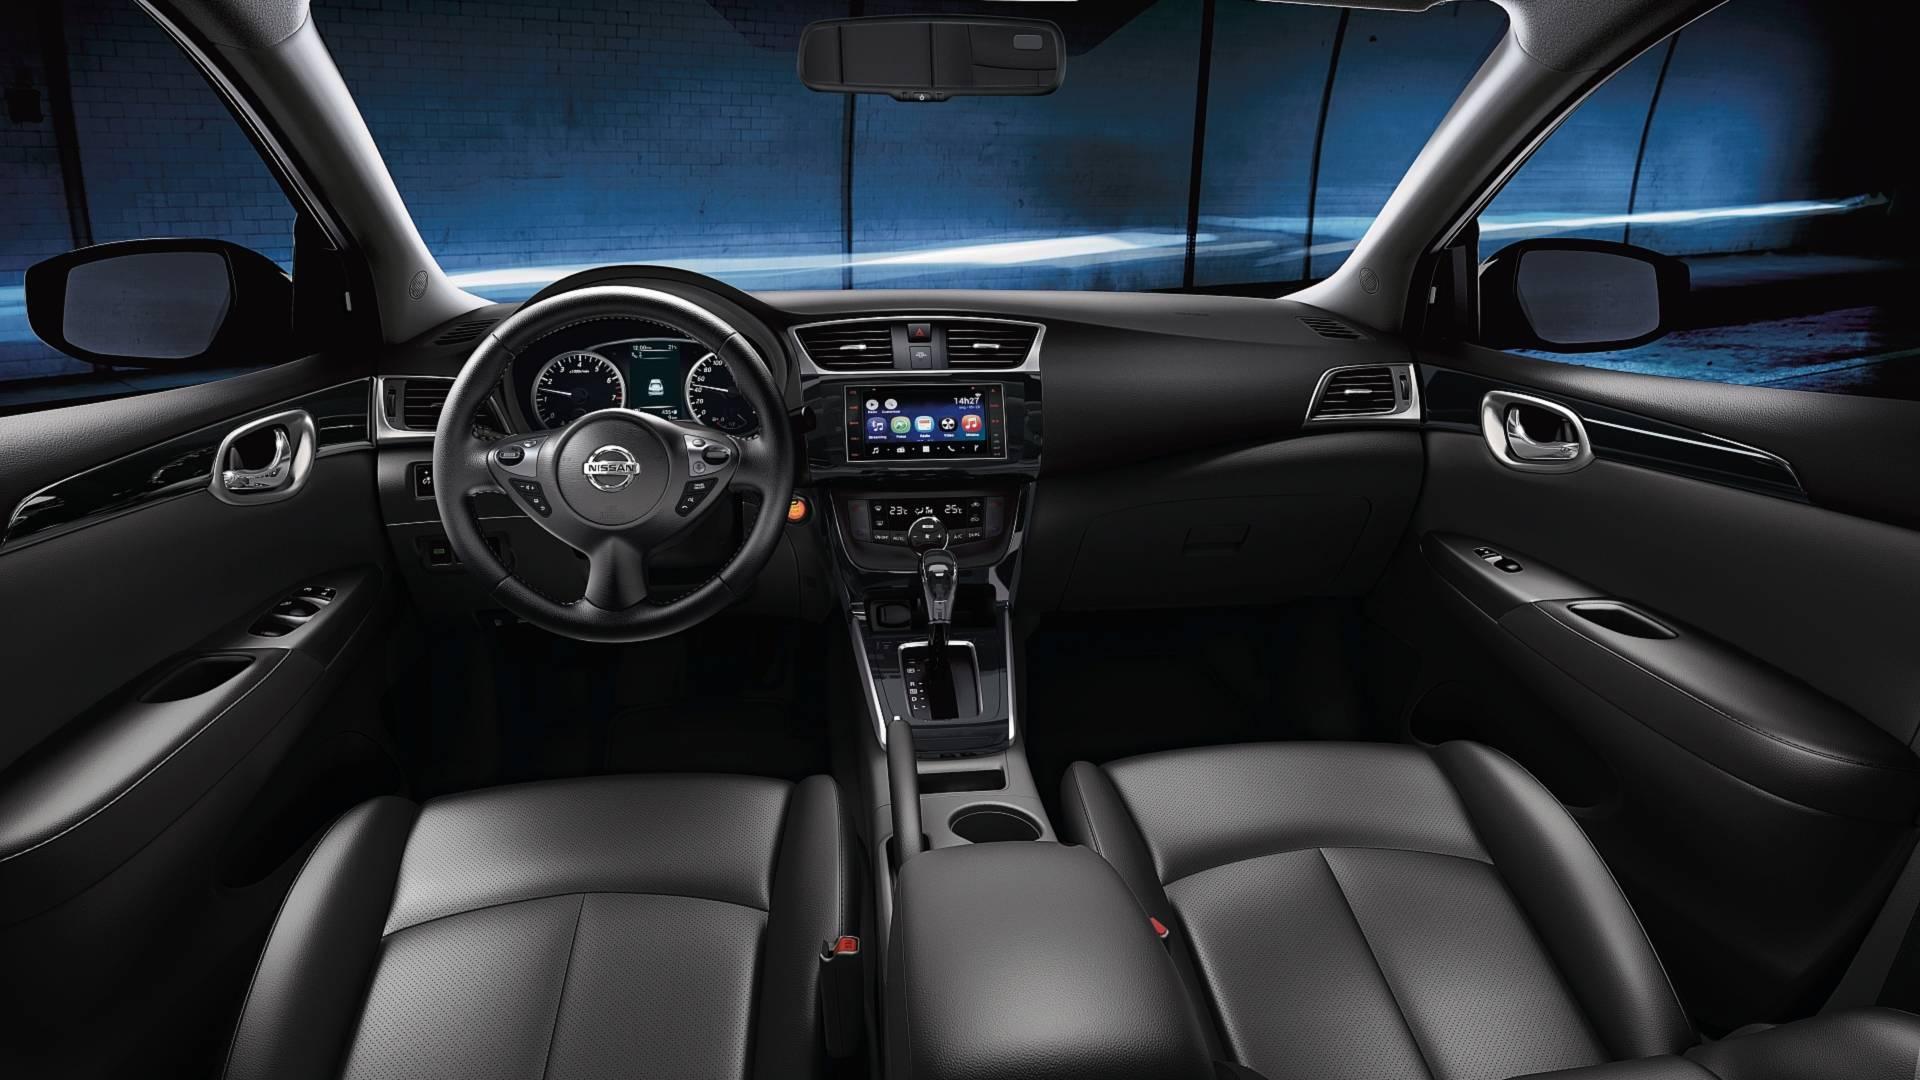 Nissan Sentra Ganha Novo Sistema Multimidia Na Linha 2019